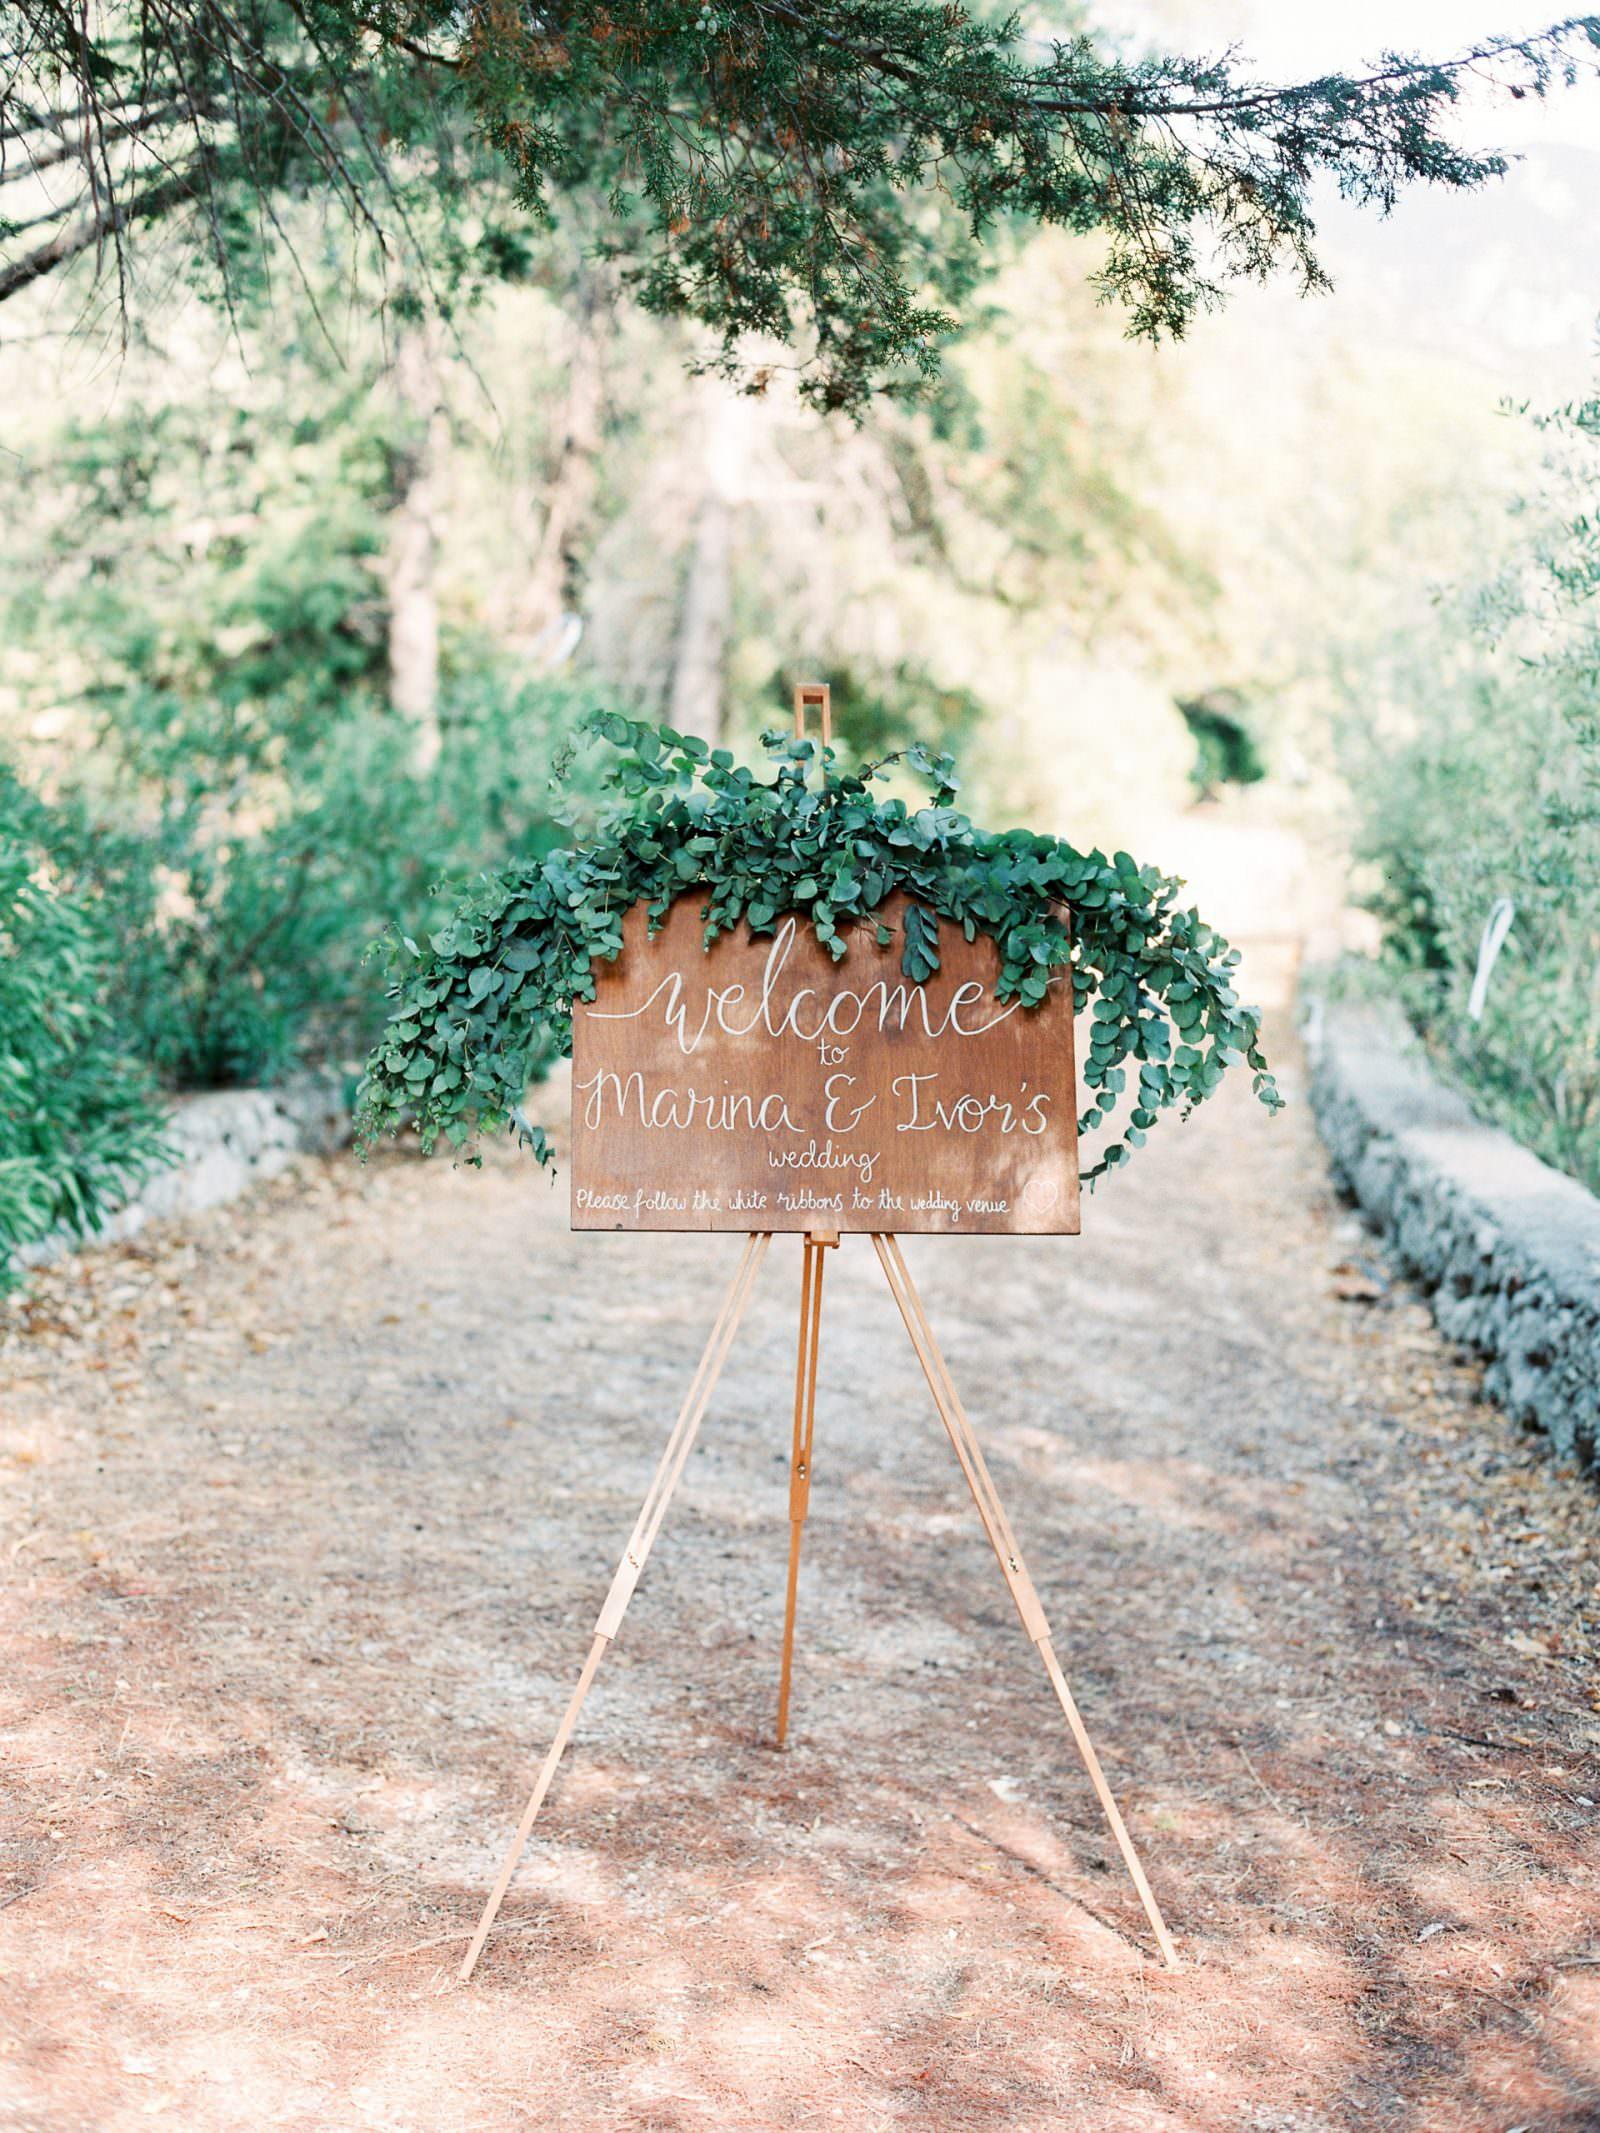 Gentilini Retreat, Cephalonia wedding welcome board ideas